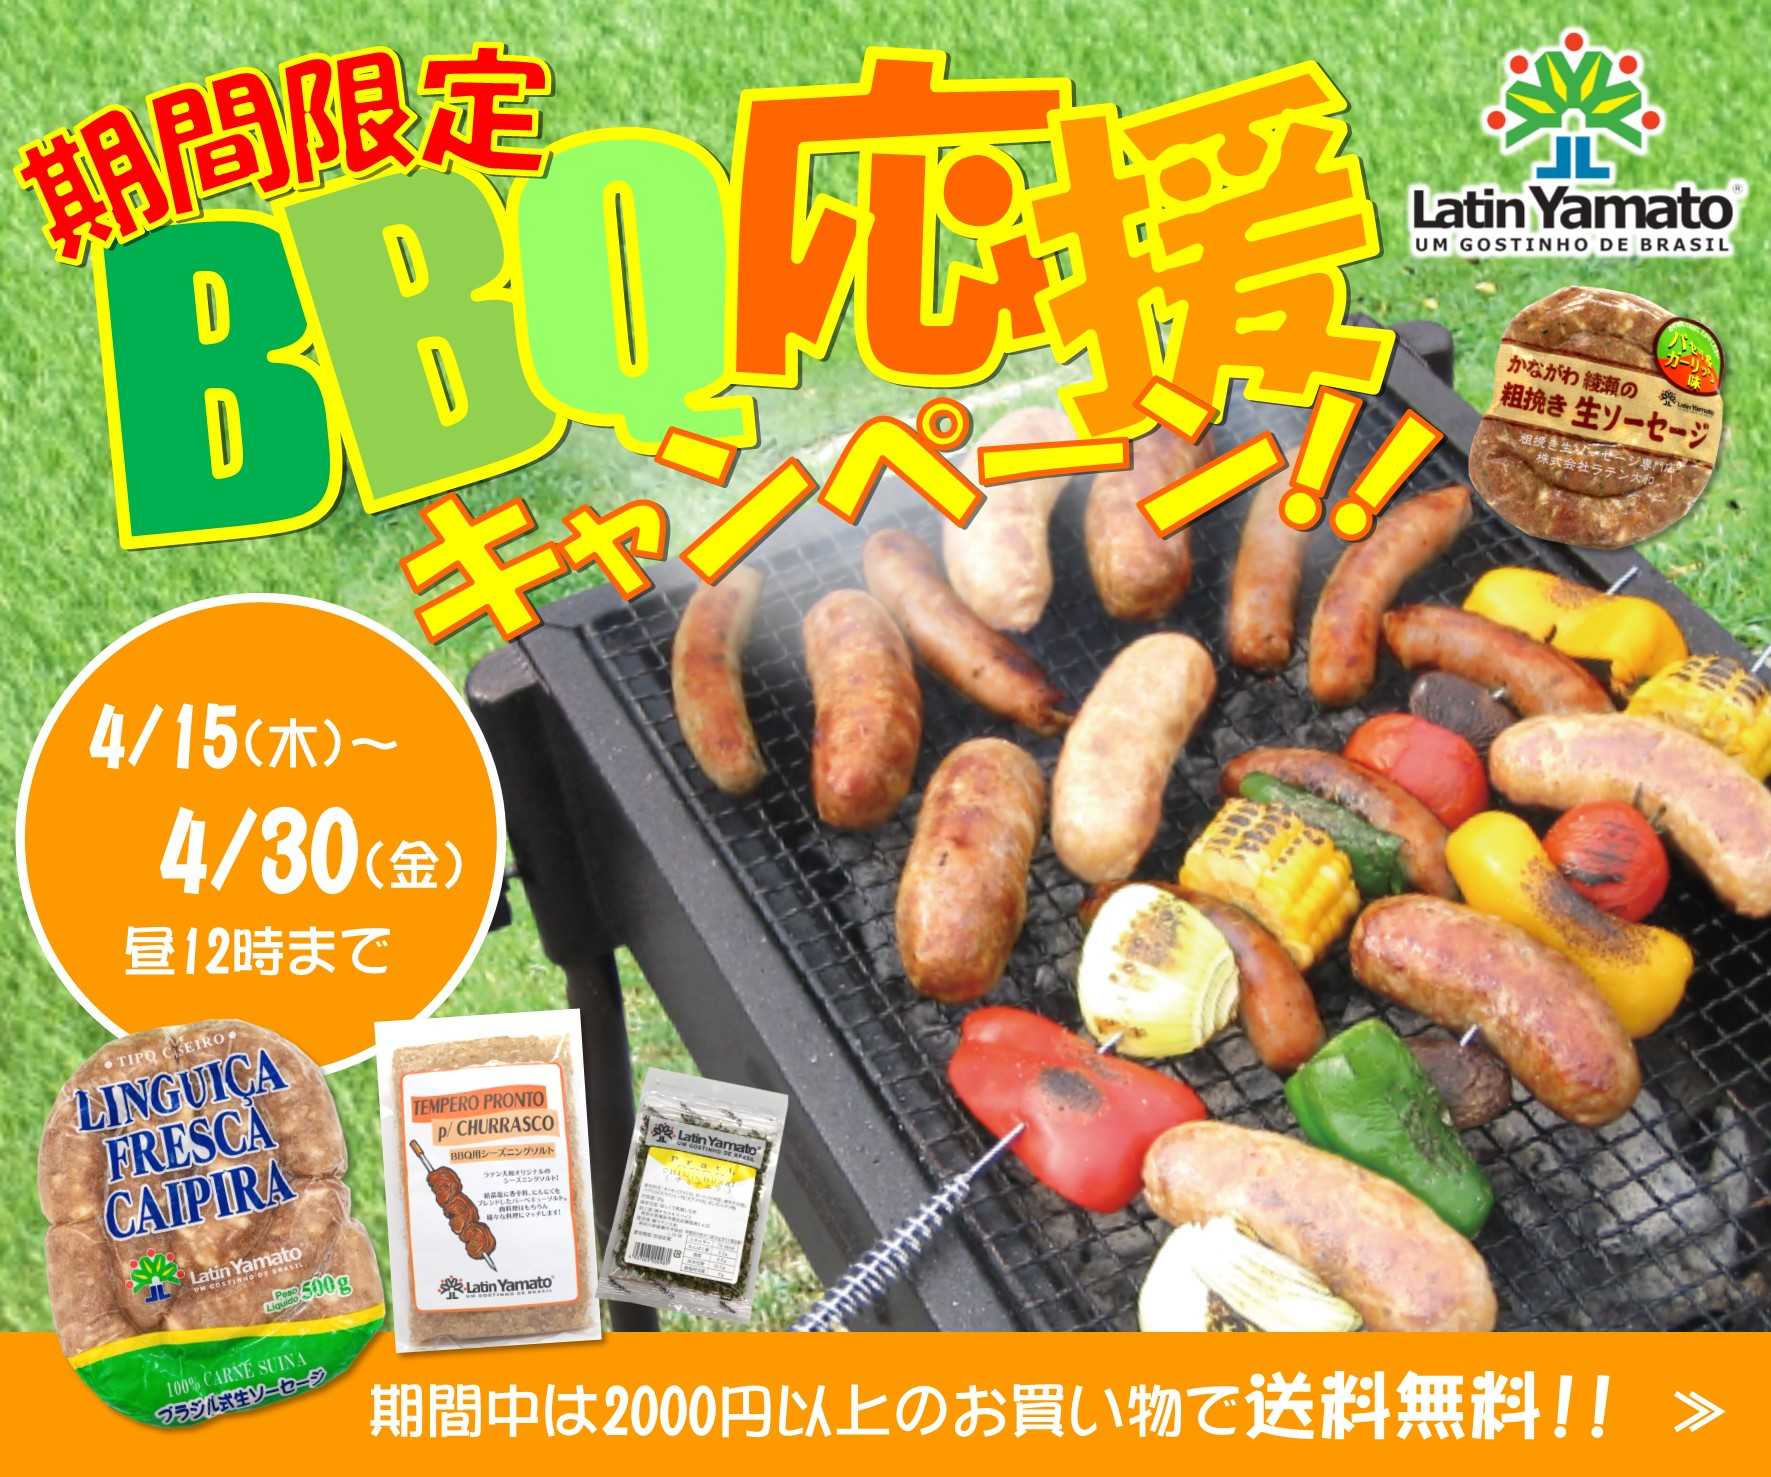 【終了】BBQ応援キャンペーン